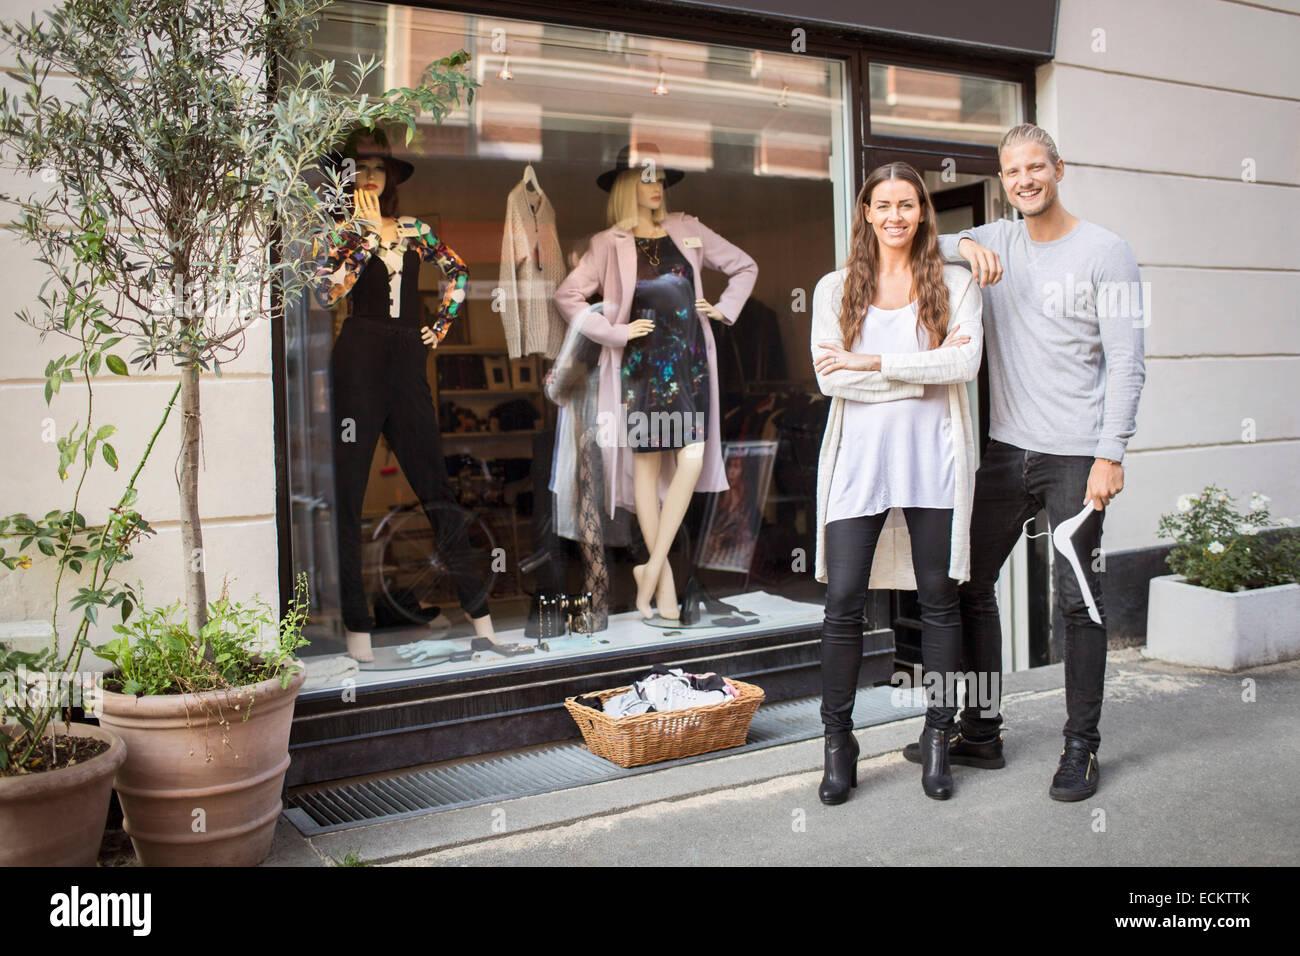 Portrait of smiling propriétaire avec femme debout devant une boutique de vêtements Photo Stock